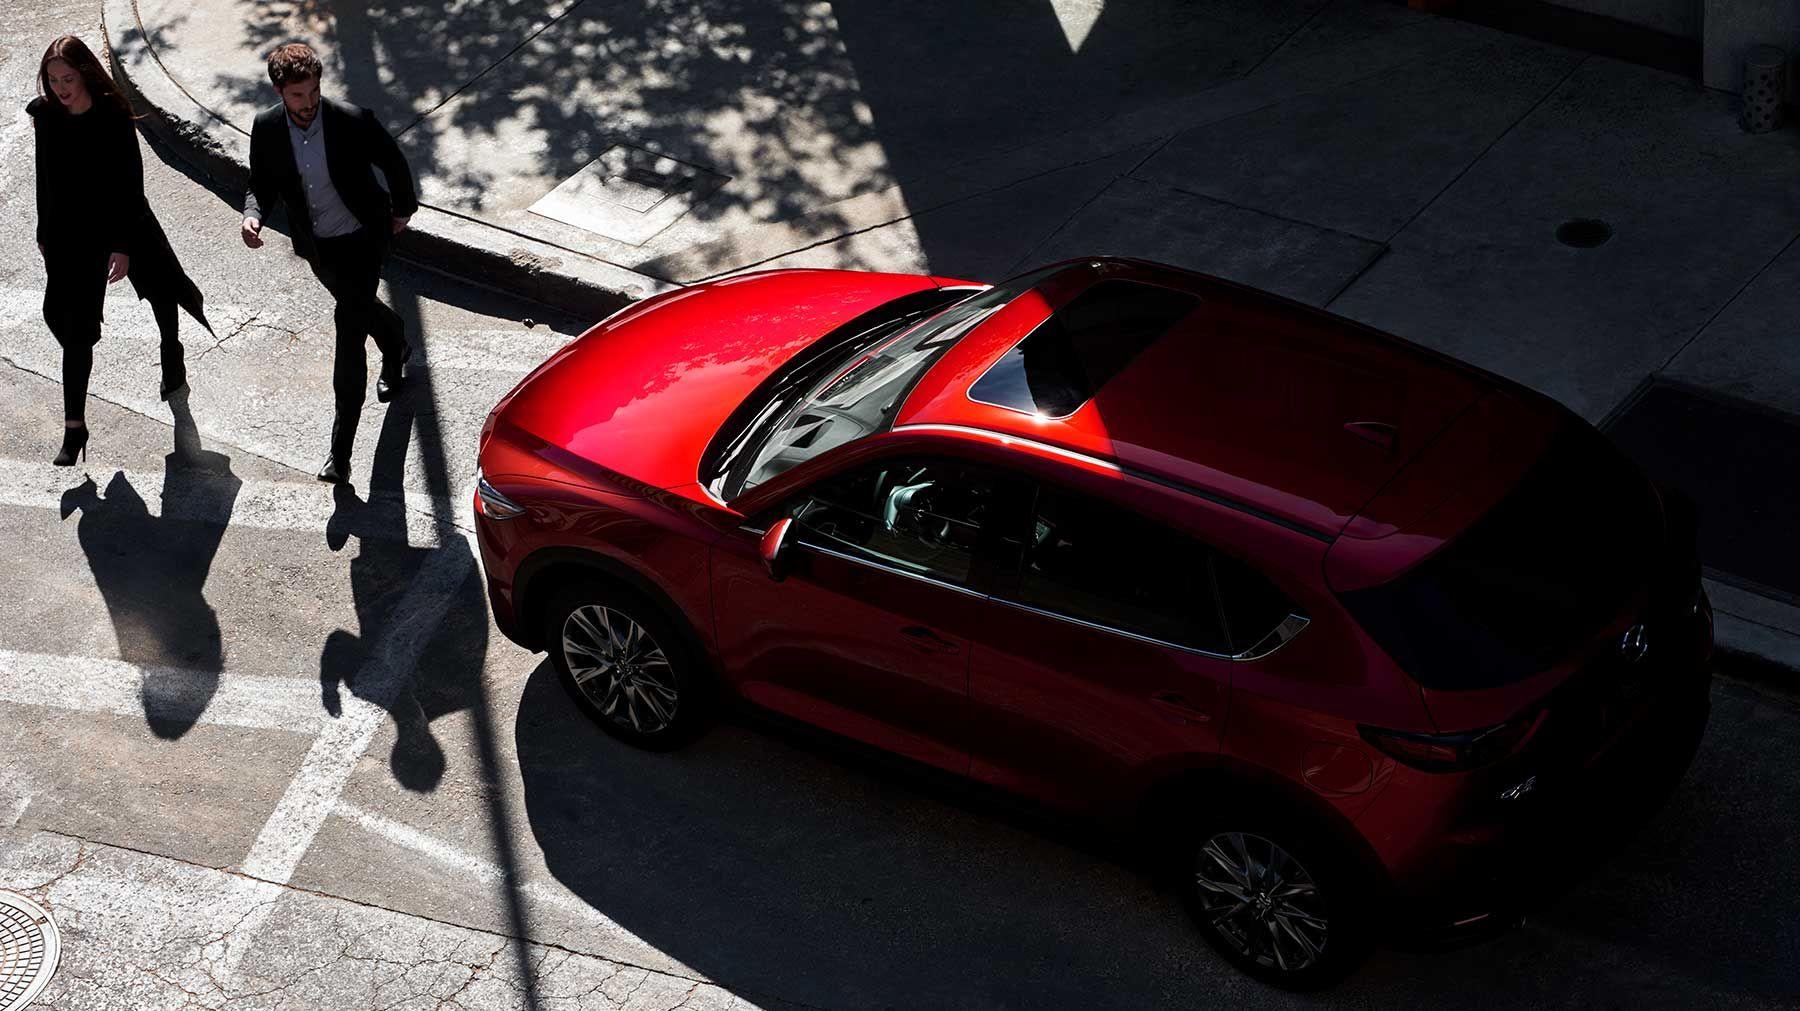 2019 Mazda CX-5 for Sale near Ann Arbor, MI